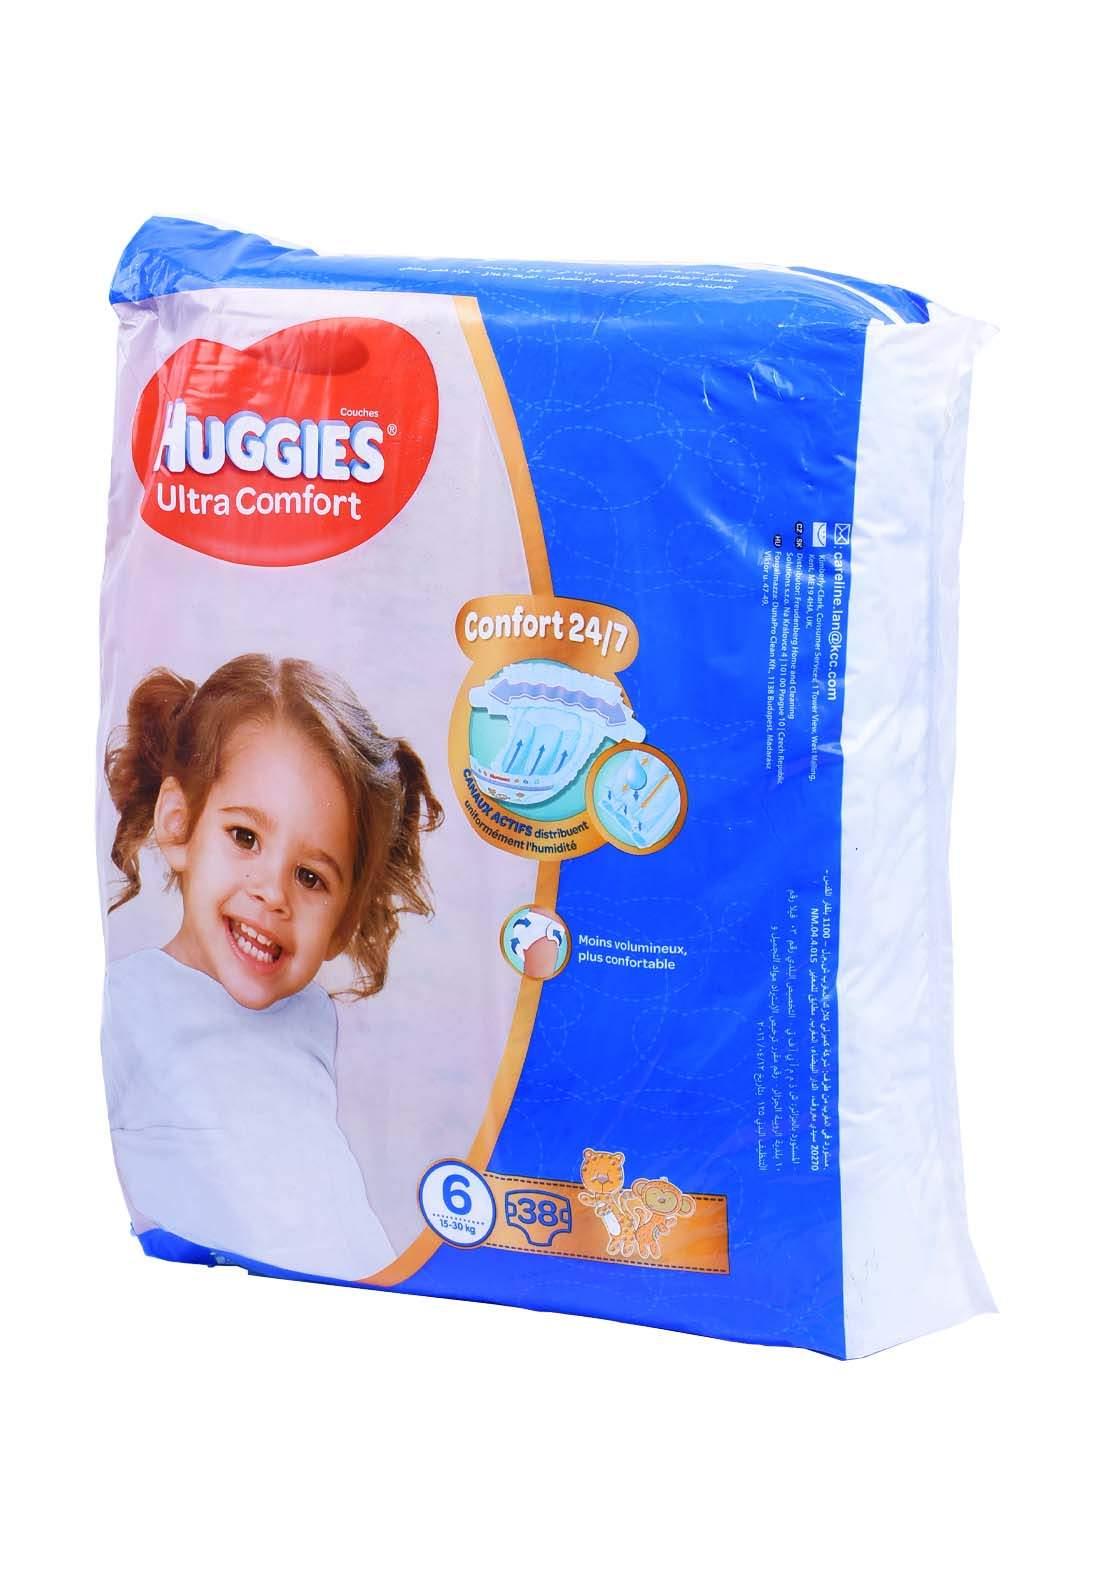 Huggies 15-30 Kg 38 Pcs حفاضات هجيز للاطفال عادي رقم 6